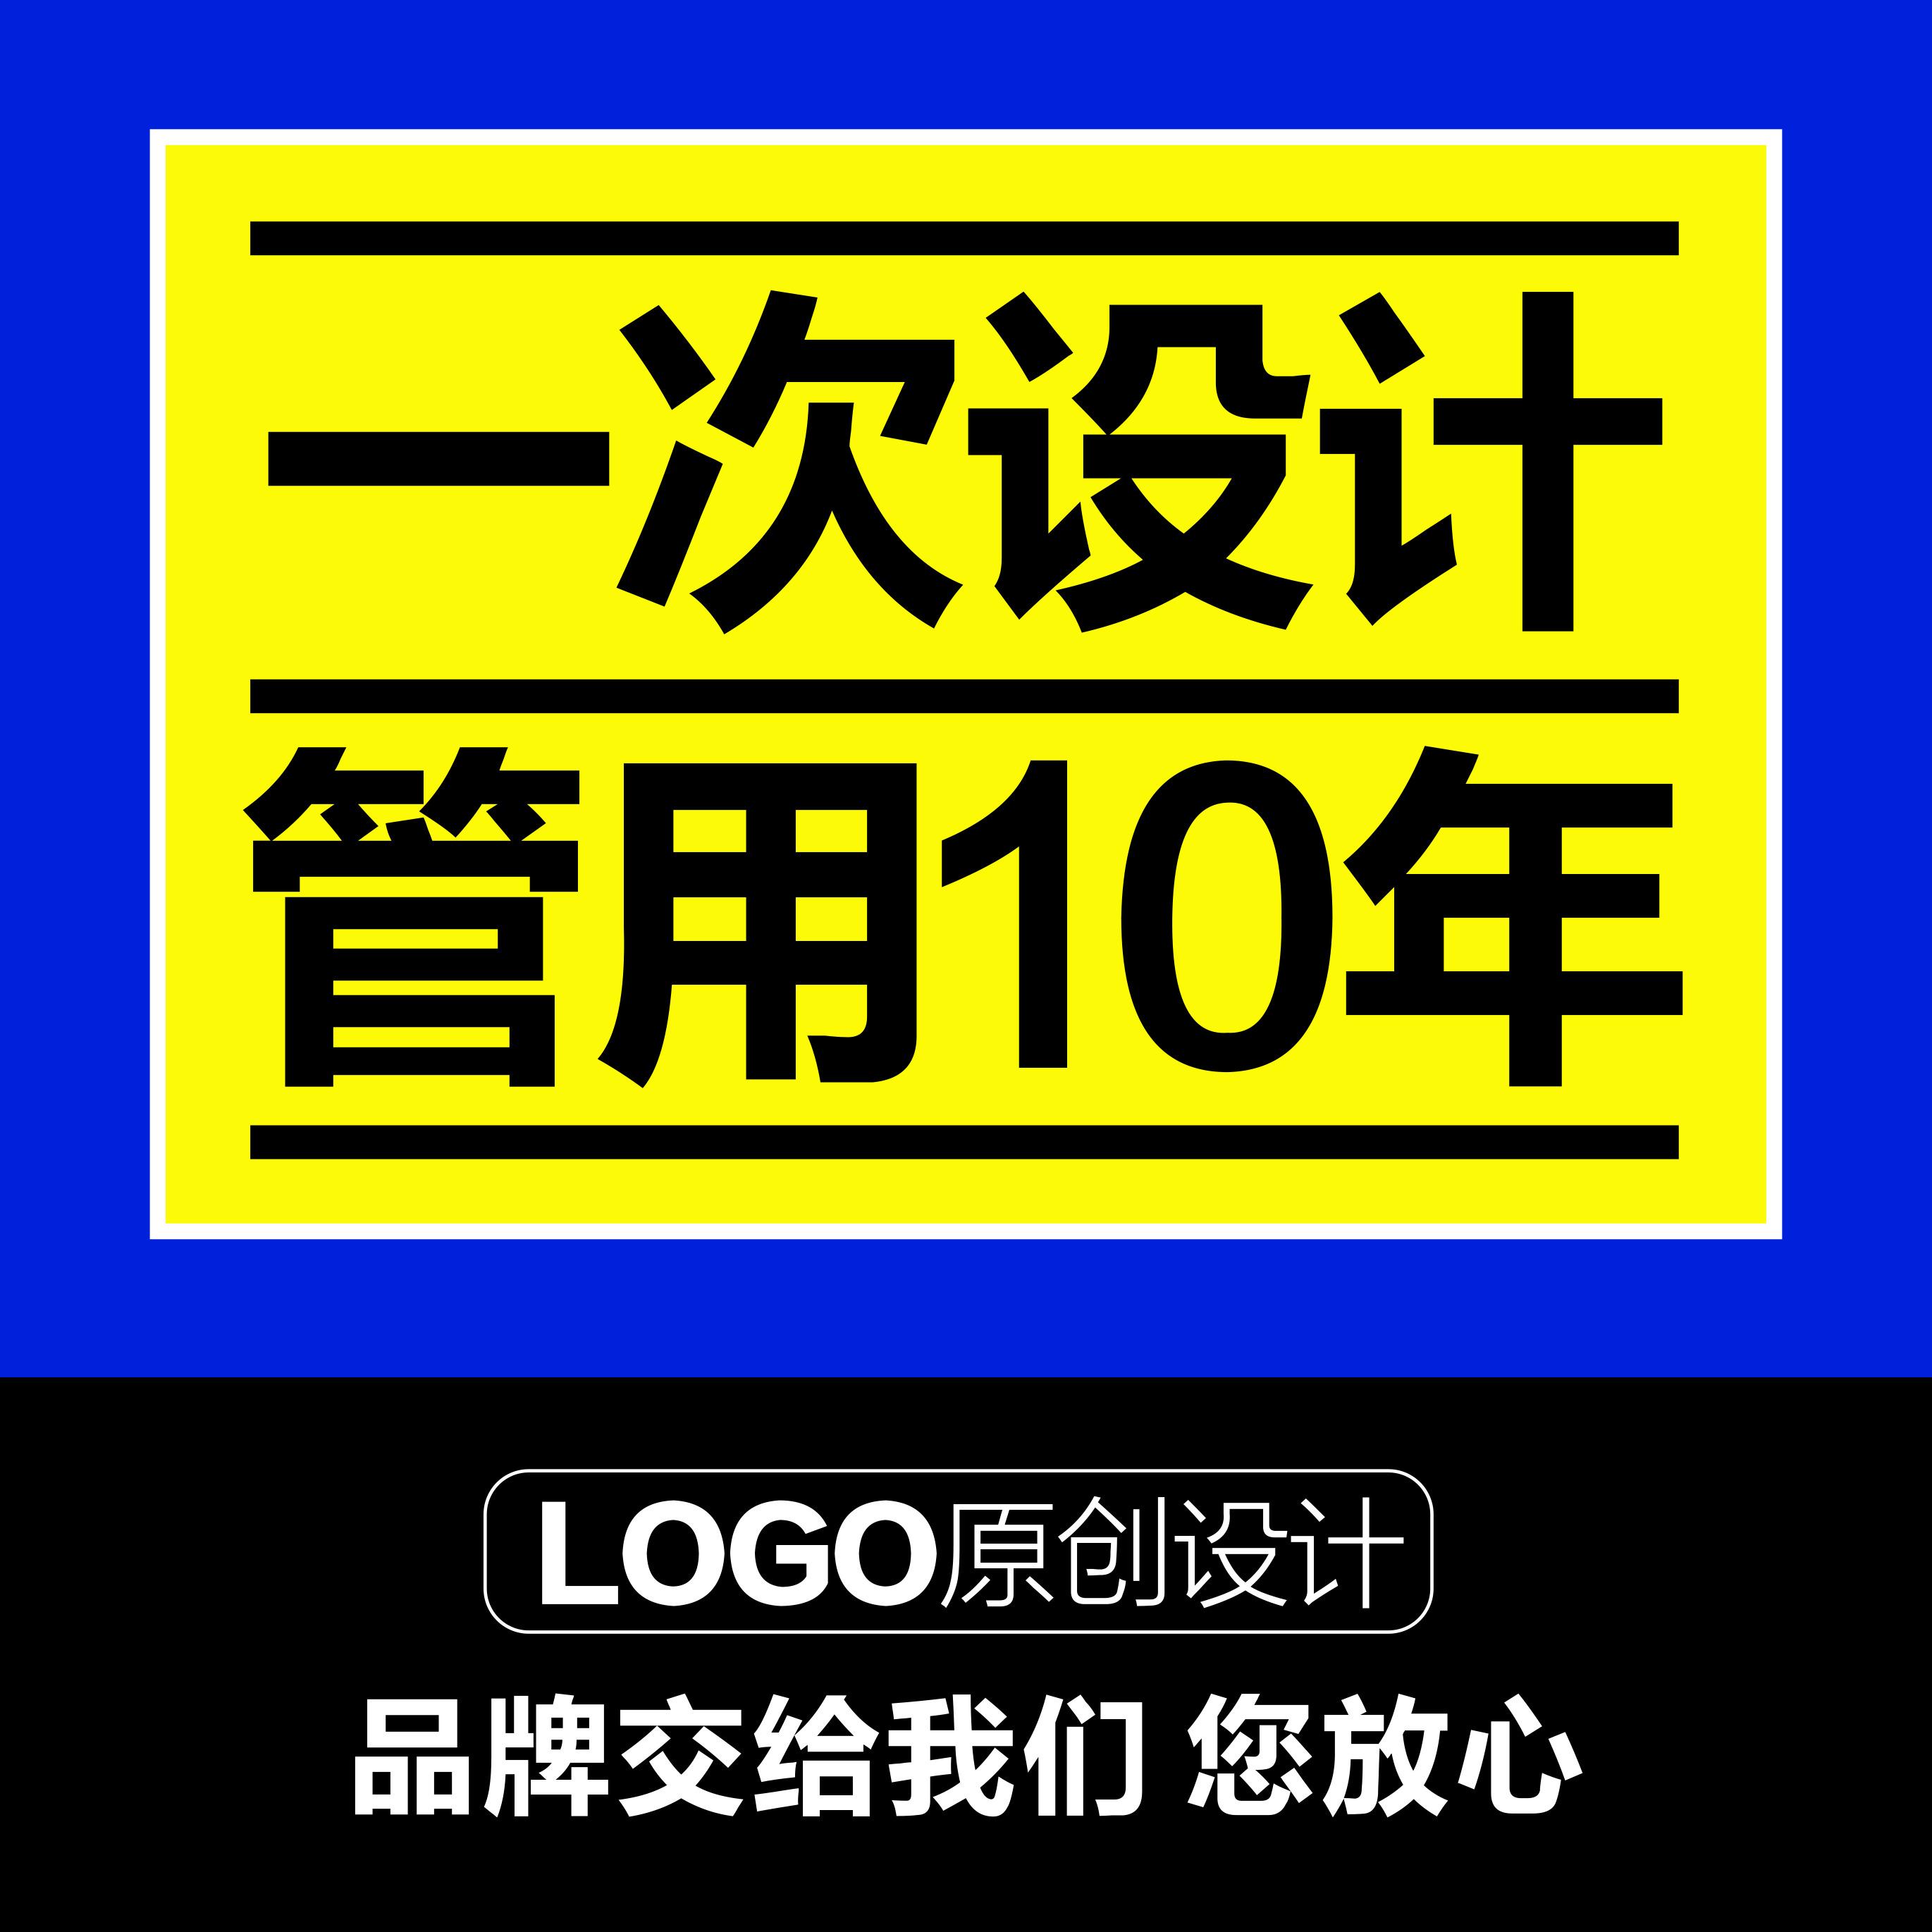 动态logo电商餐饮零食字体设计公司标志图文LOGO商标演绎